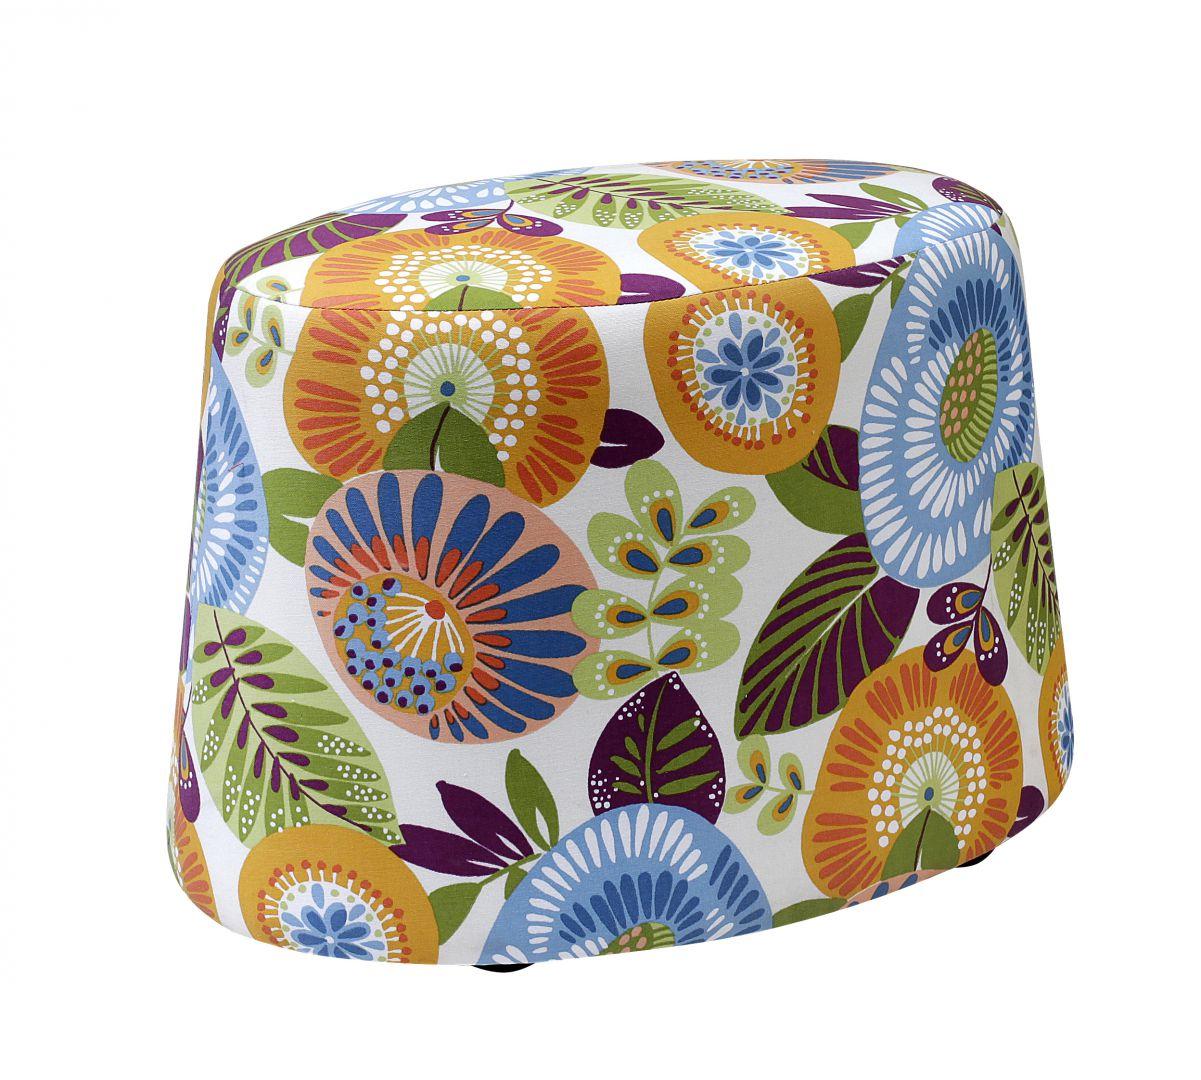 Kolorowy puf Nap wykończony tkaniną w kwiaty ożywi wnętrze. Fot. Swarzędz Home